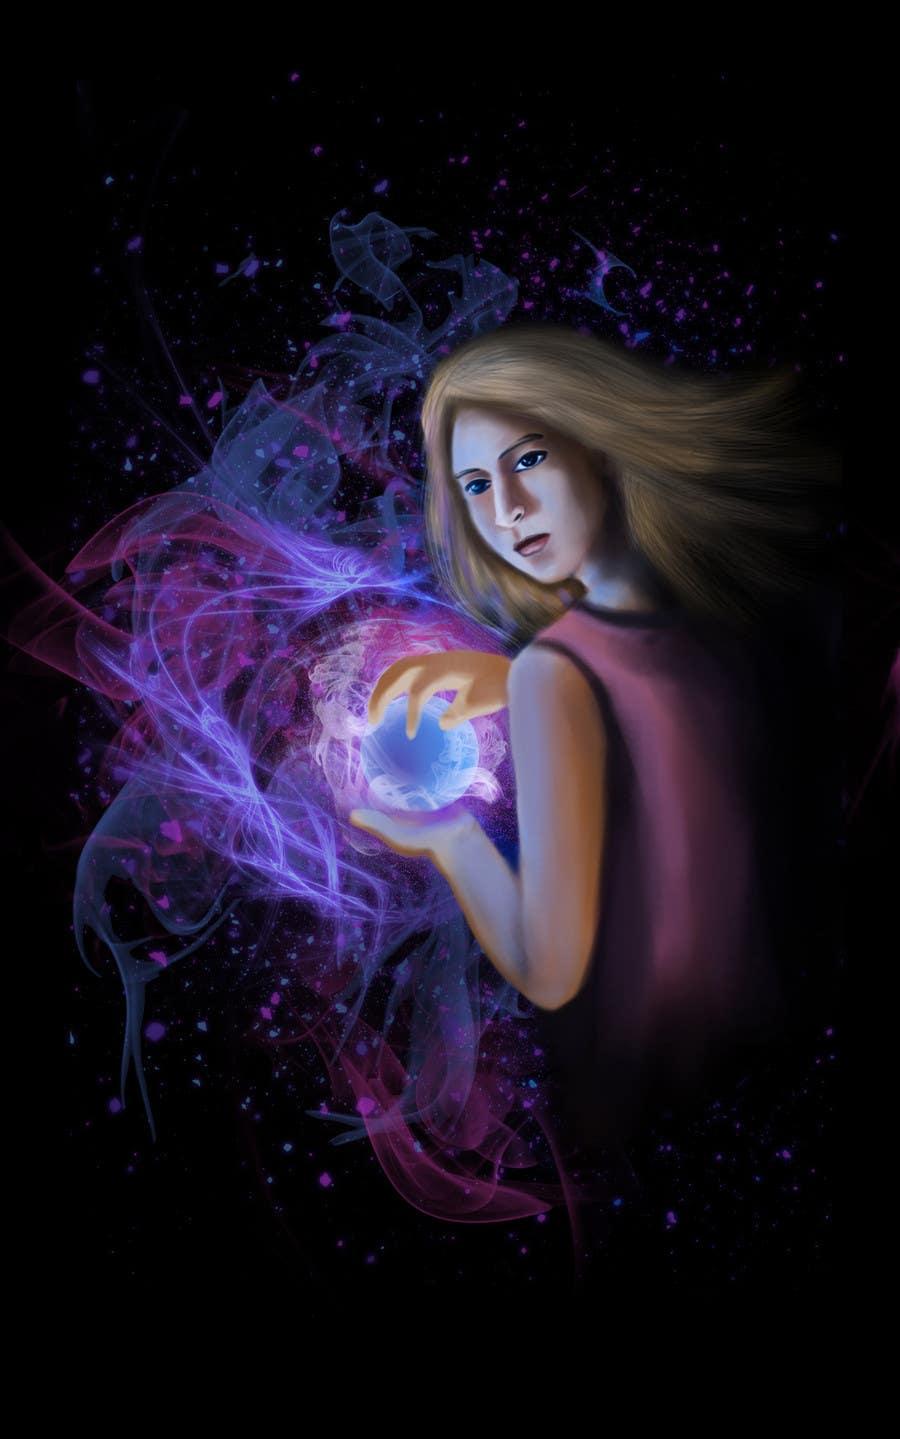 Konkurrenceindlæg #21 for Cover Art for Fantasy/Sci Fi Novel